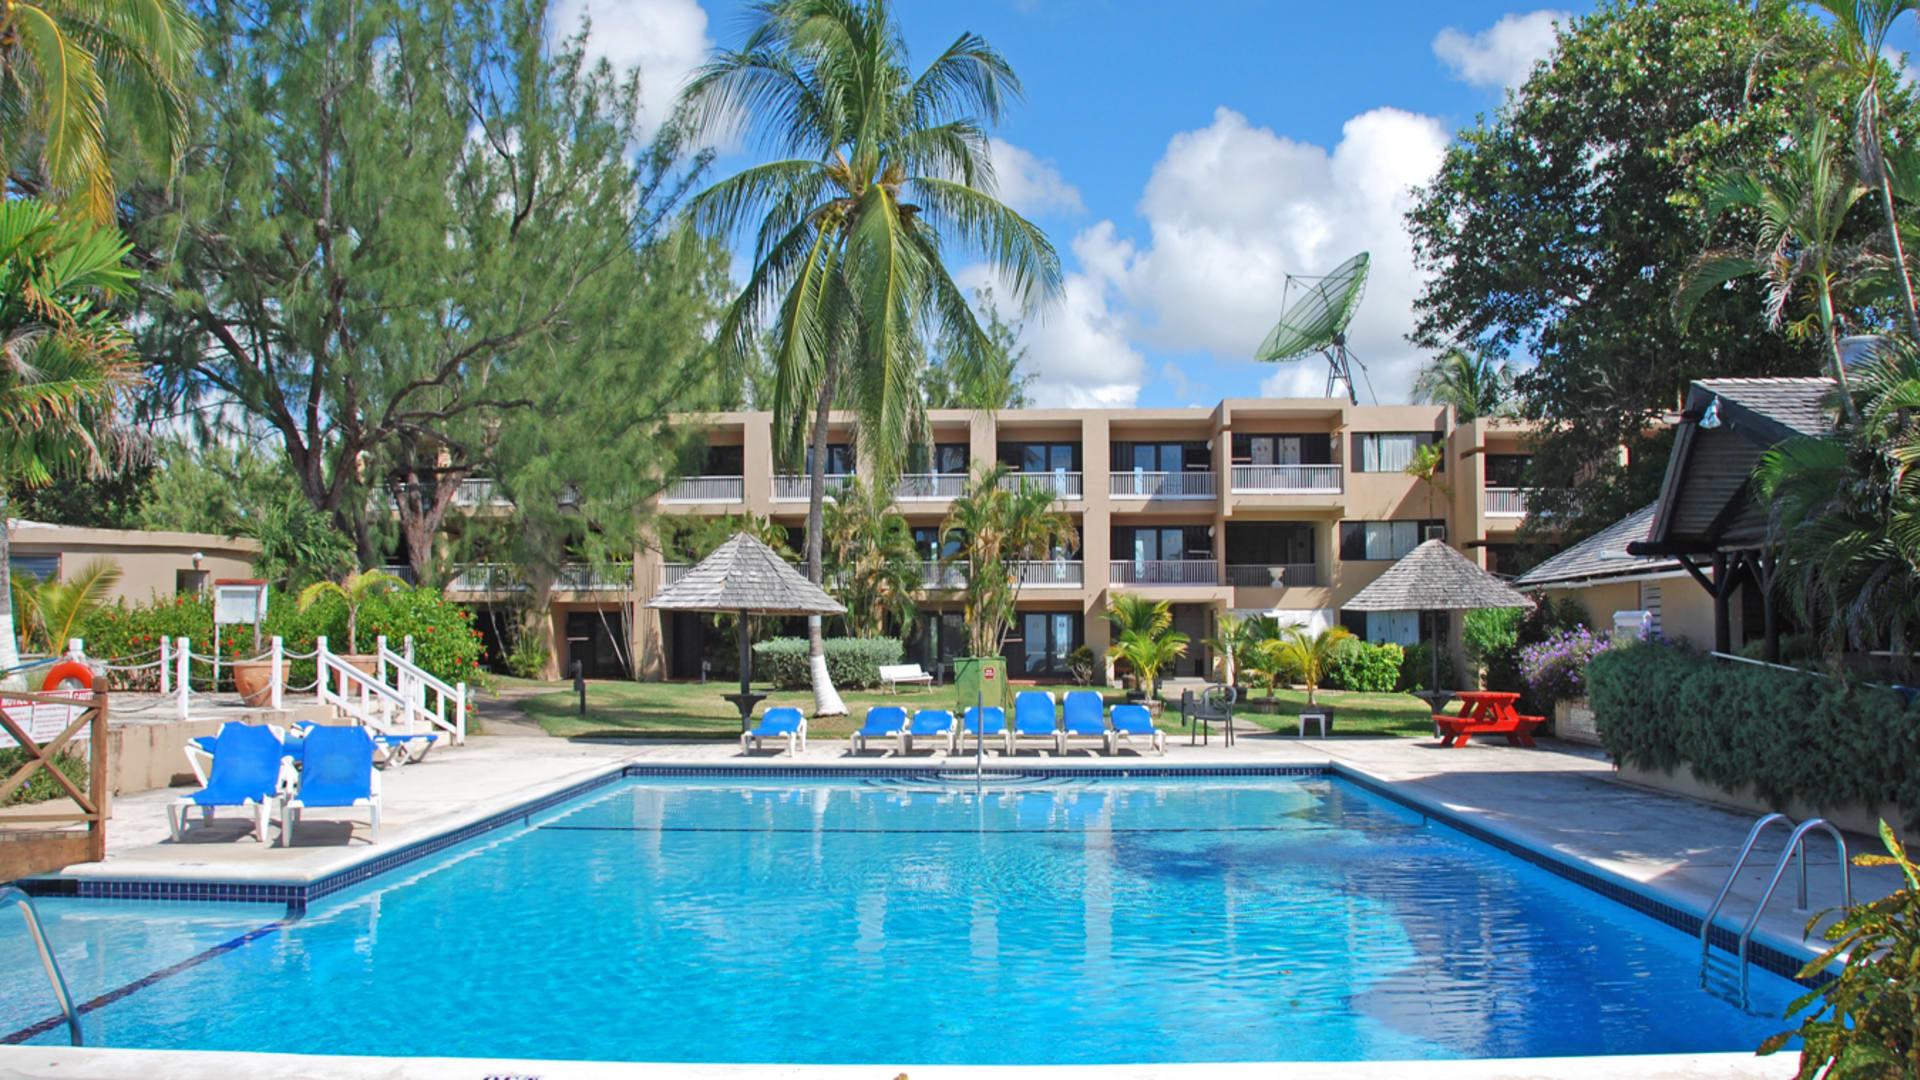 silver sands resorts ltd hotel barbados luxury homes. Black Bedroom Furniture Sets. Home Design Ideas